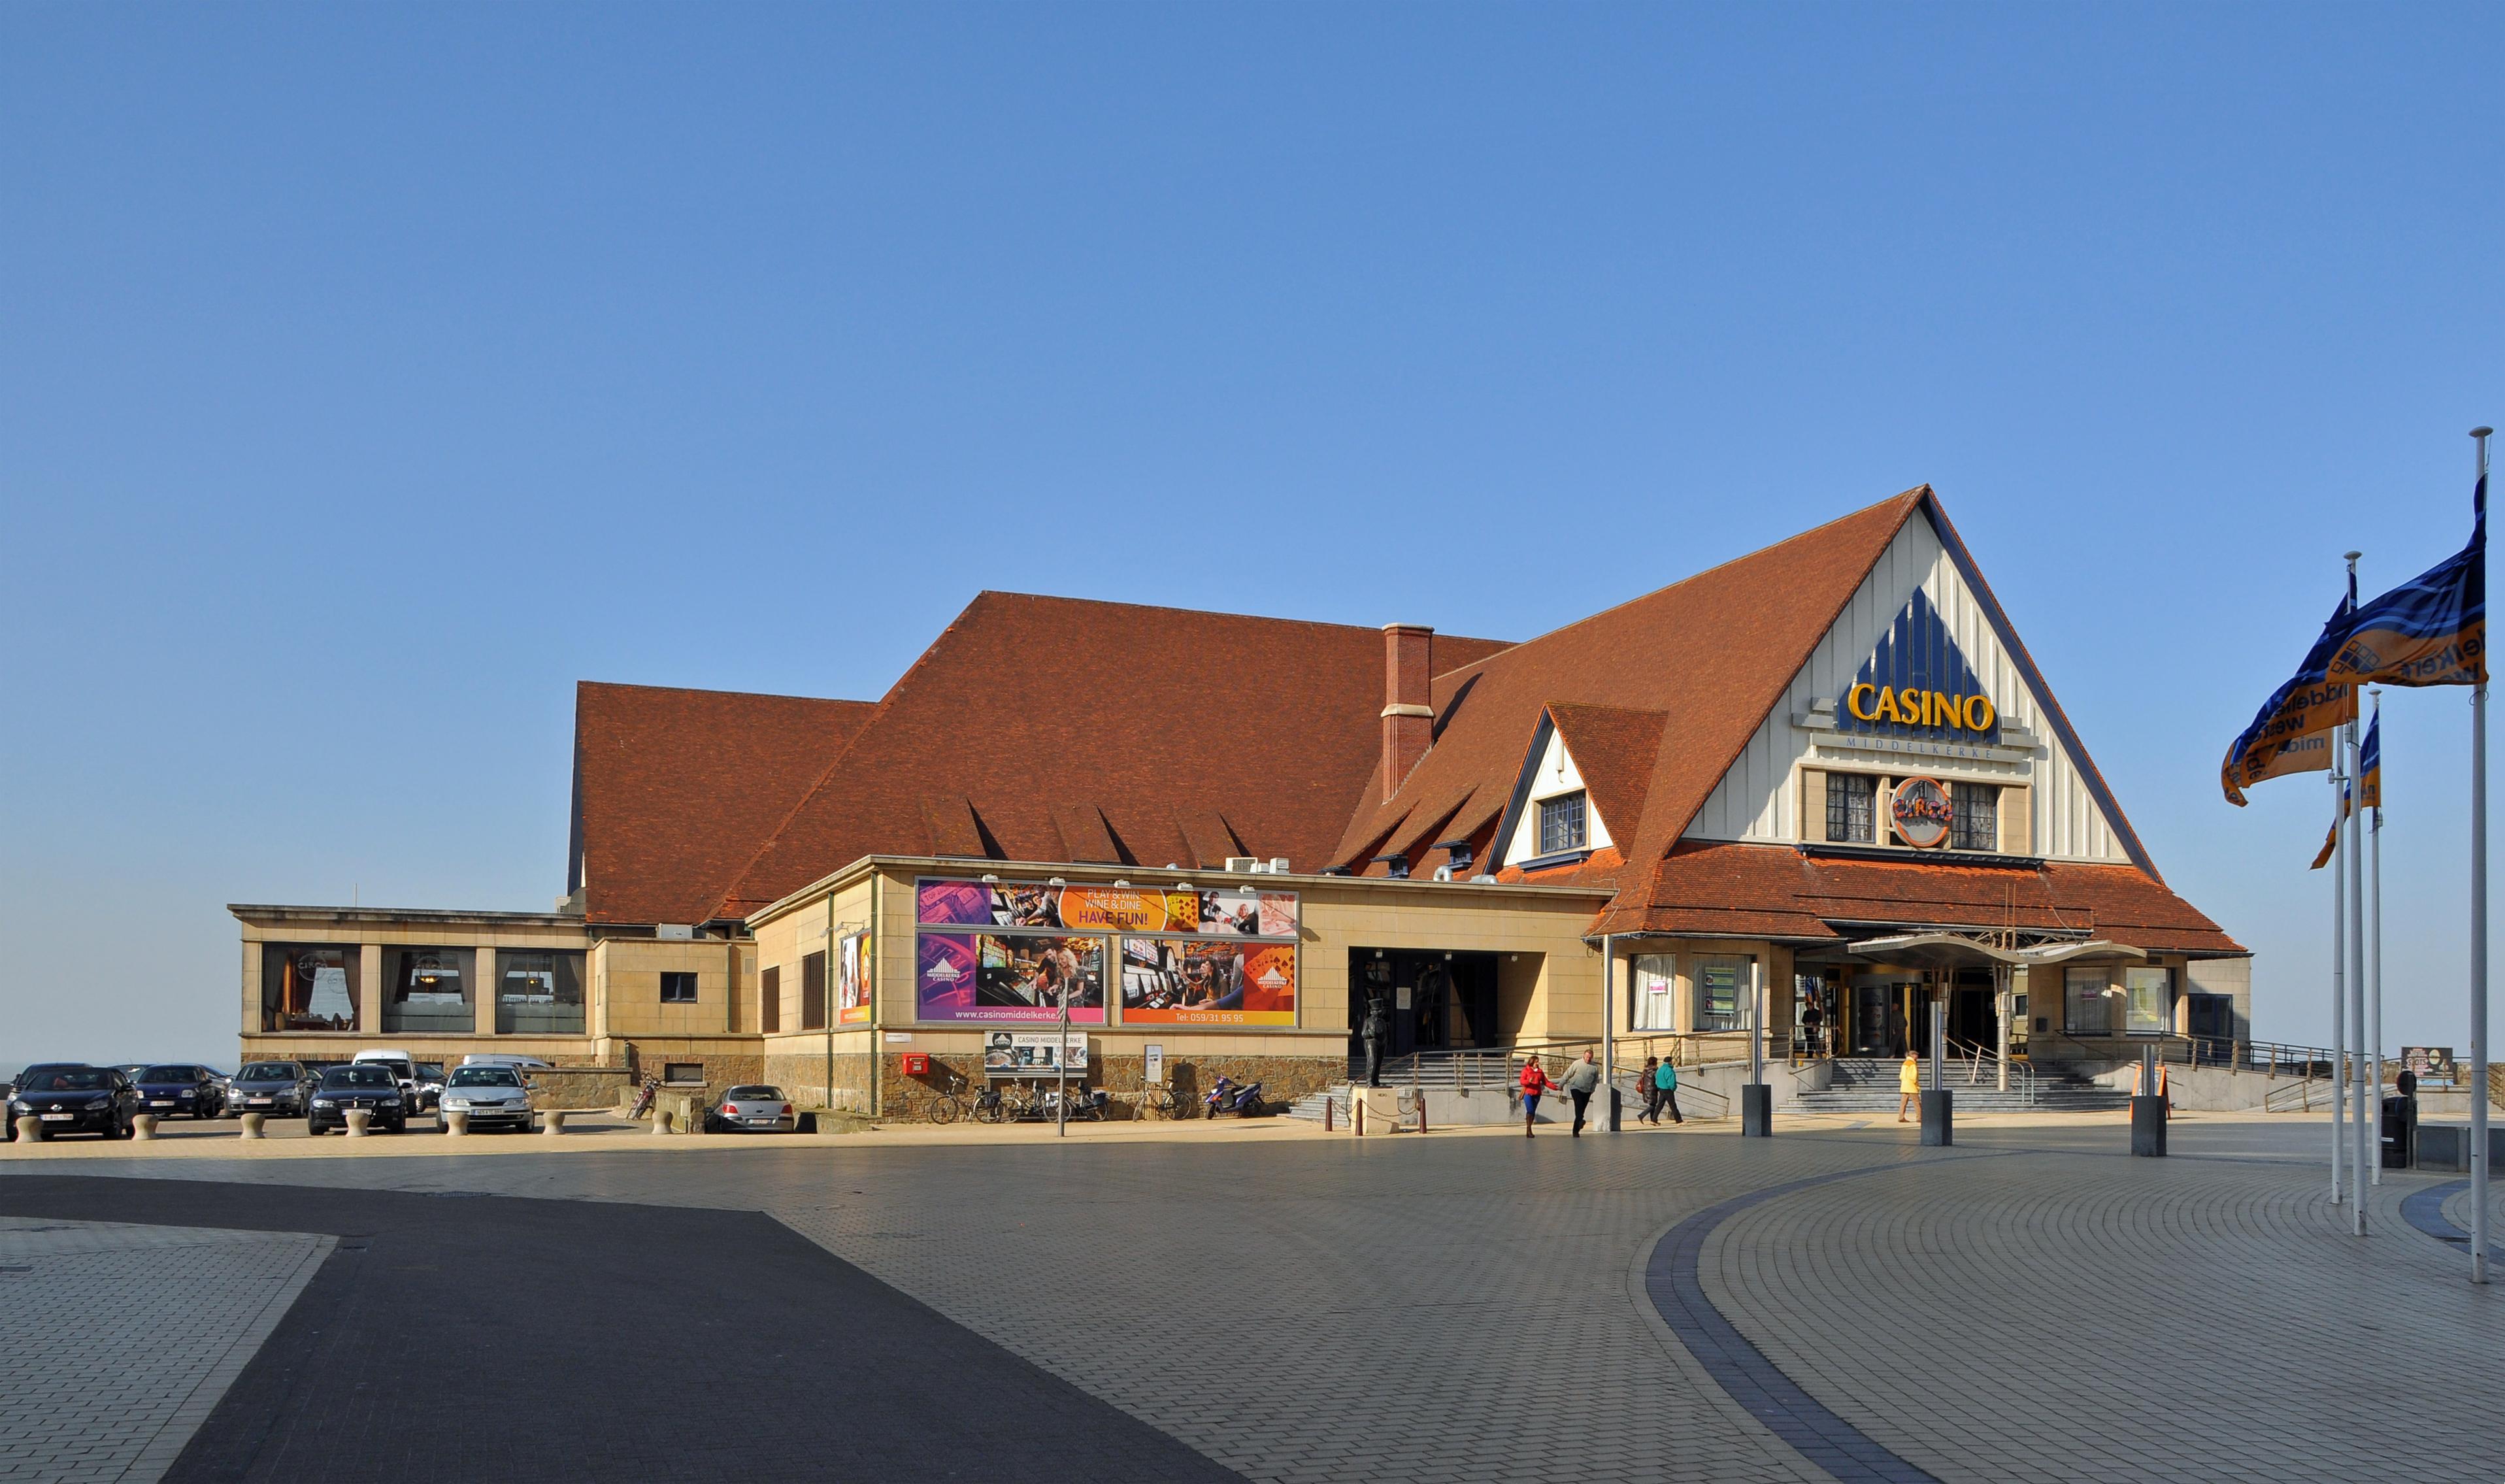 casino beutenberg